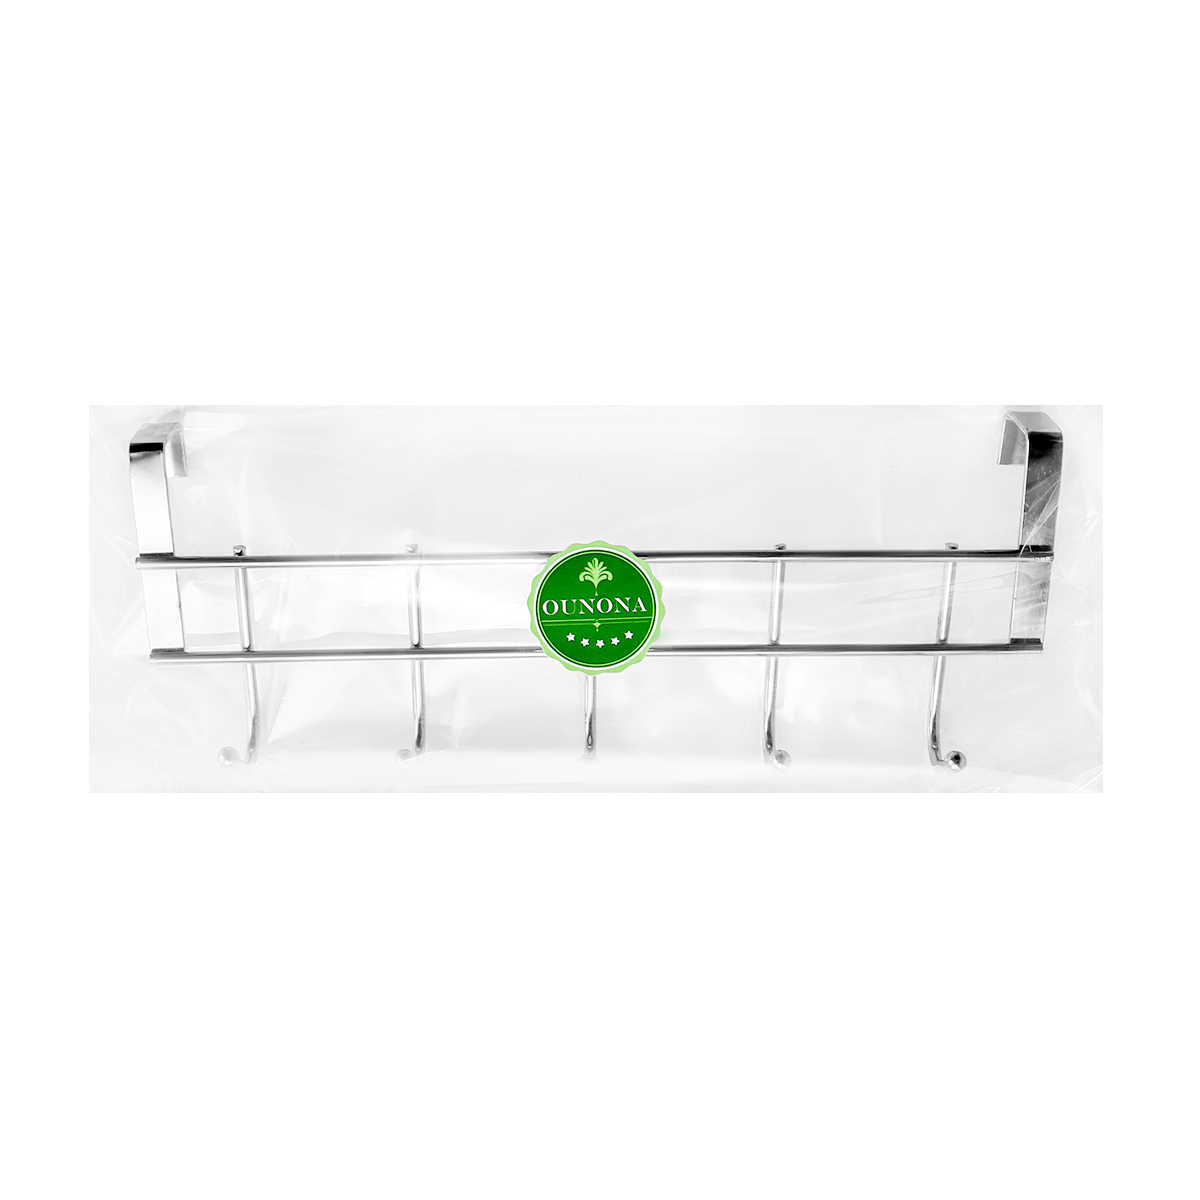 Ounona Multifunctionele Rvs Haken Keukenkast Kleren Thuis Opslag Hanger Badkamer Handdoek Deur Haken Te Hangen